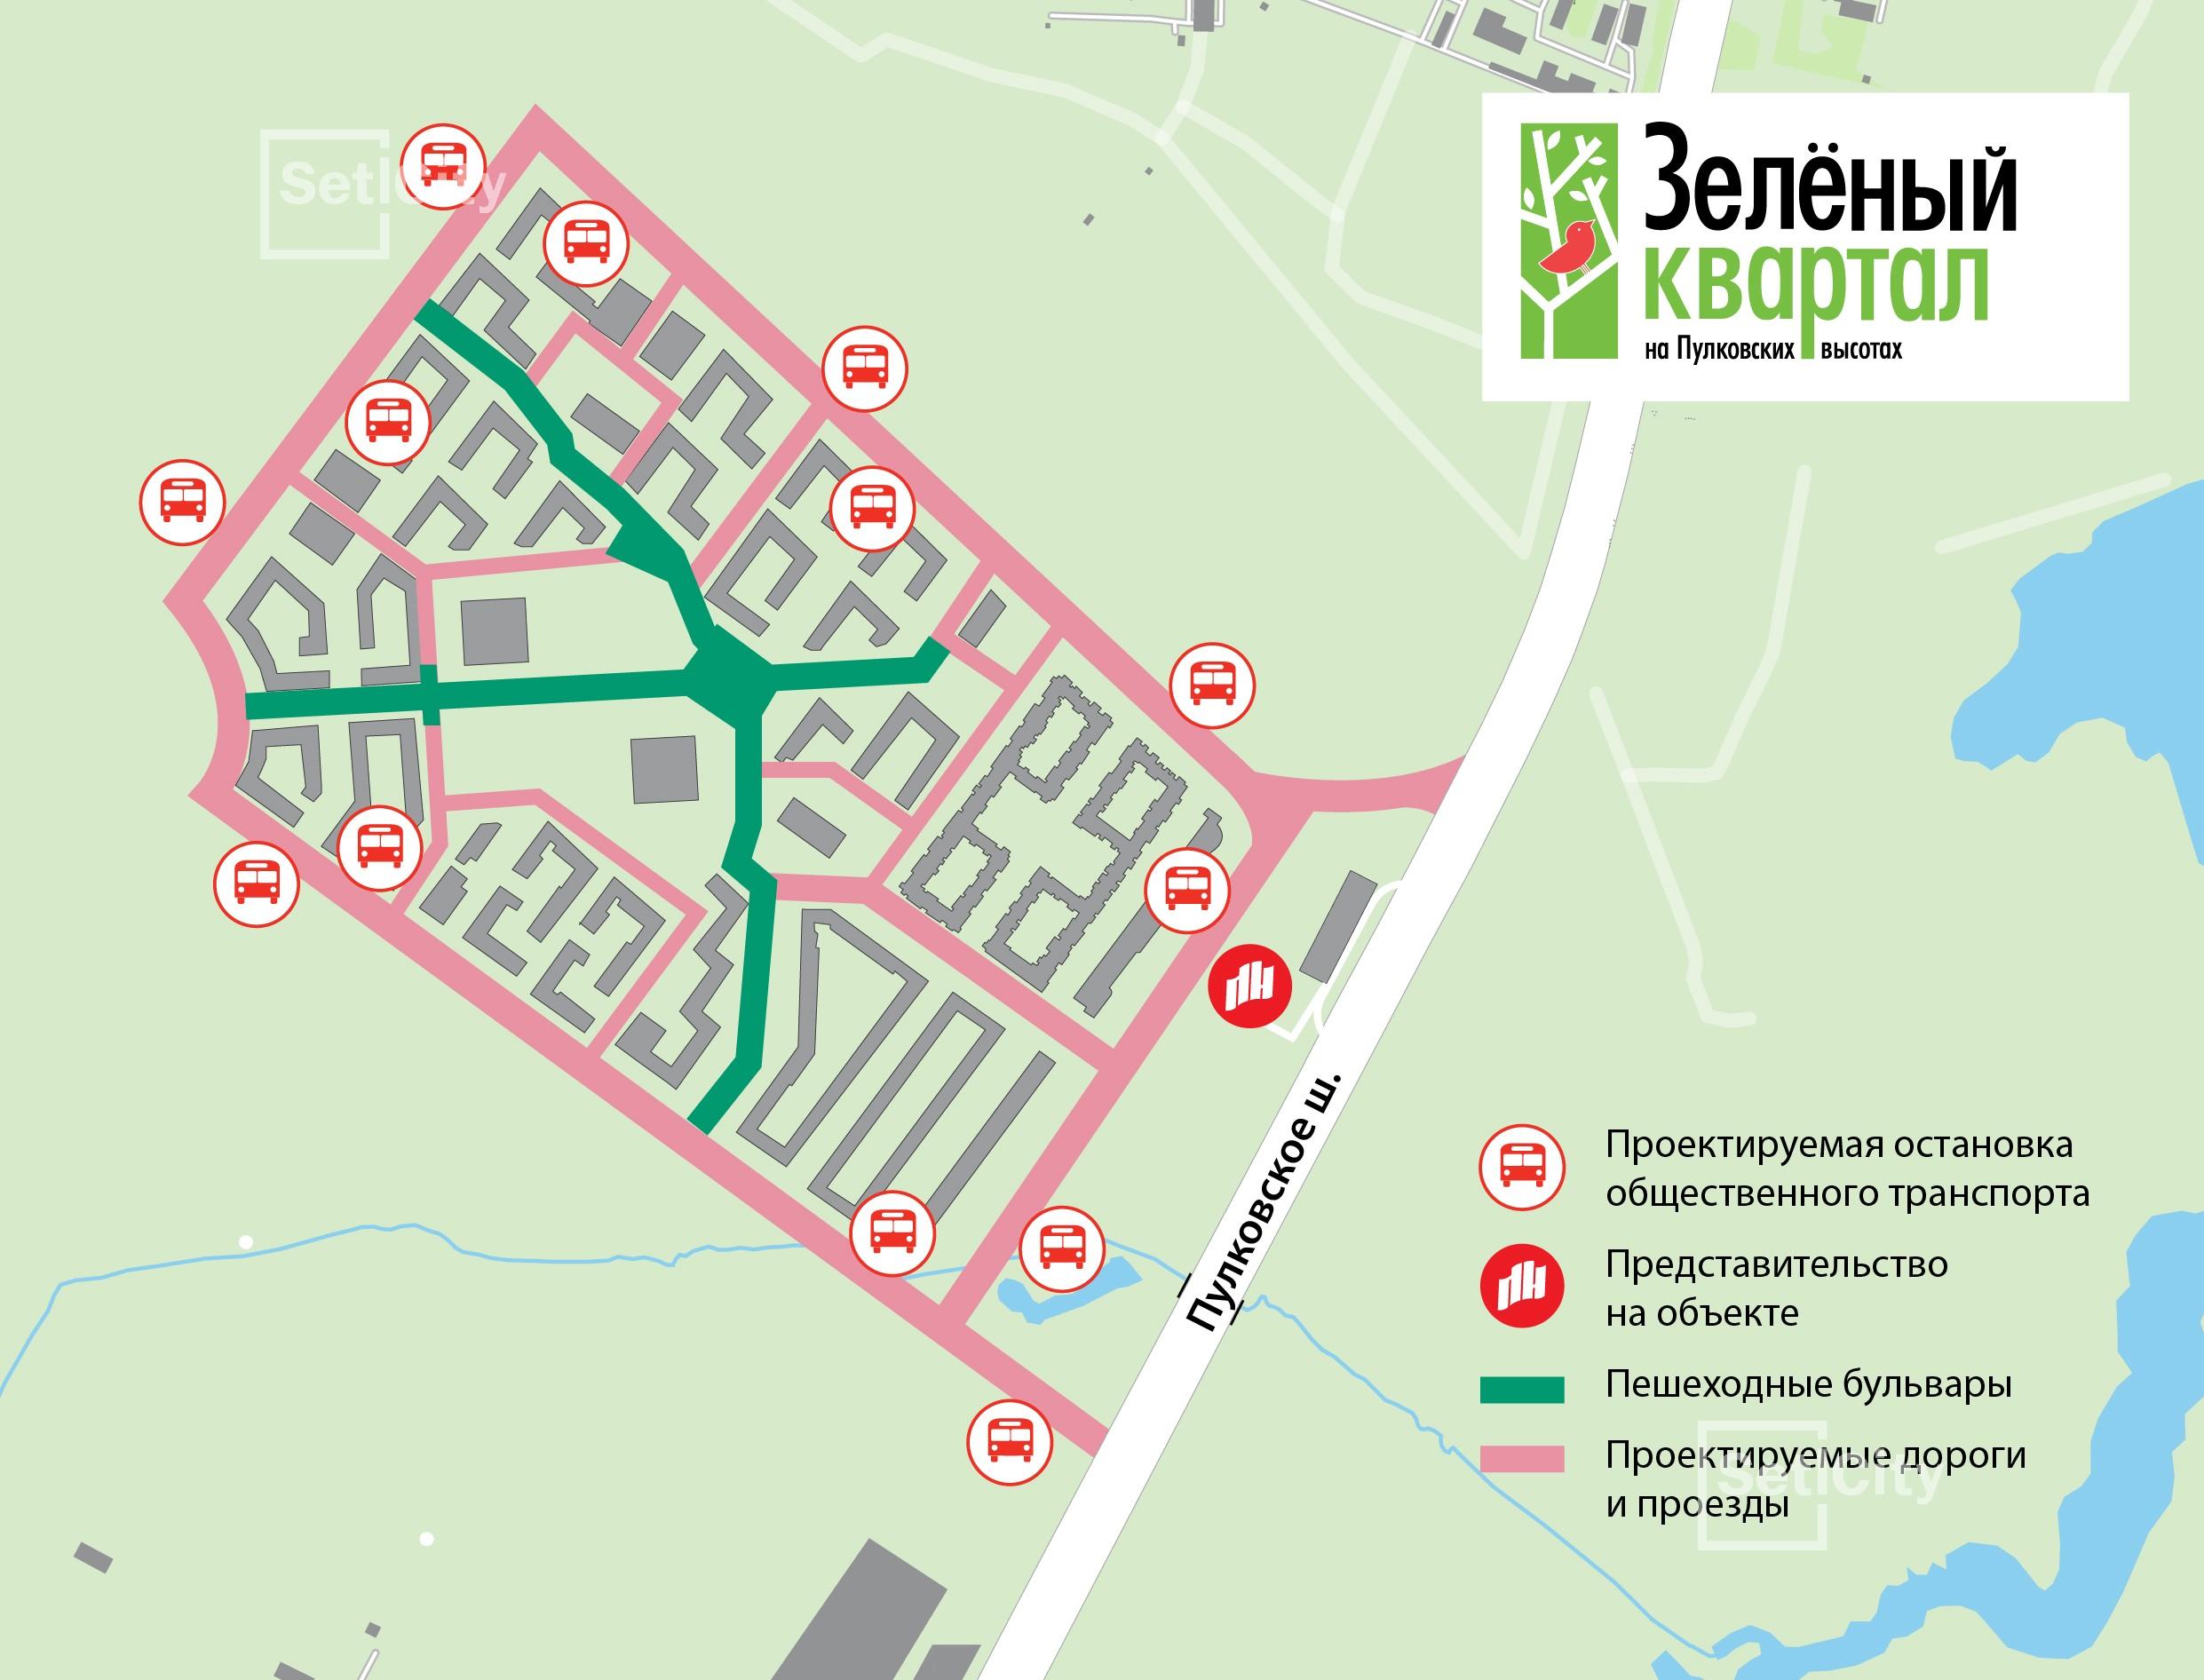 Остановки общественного транспорта ЖК Зеленый квартал